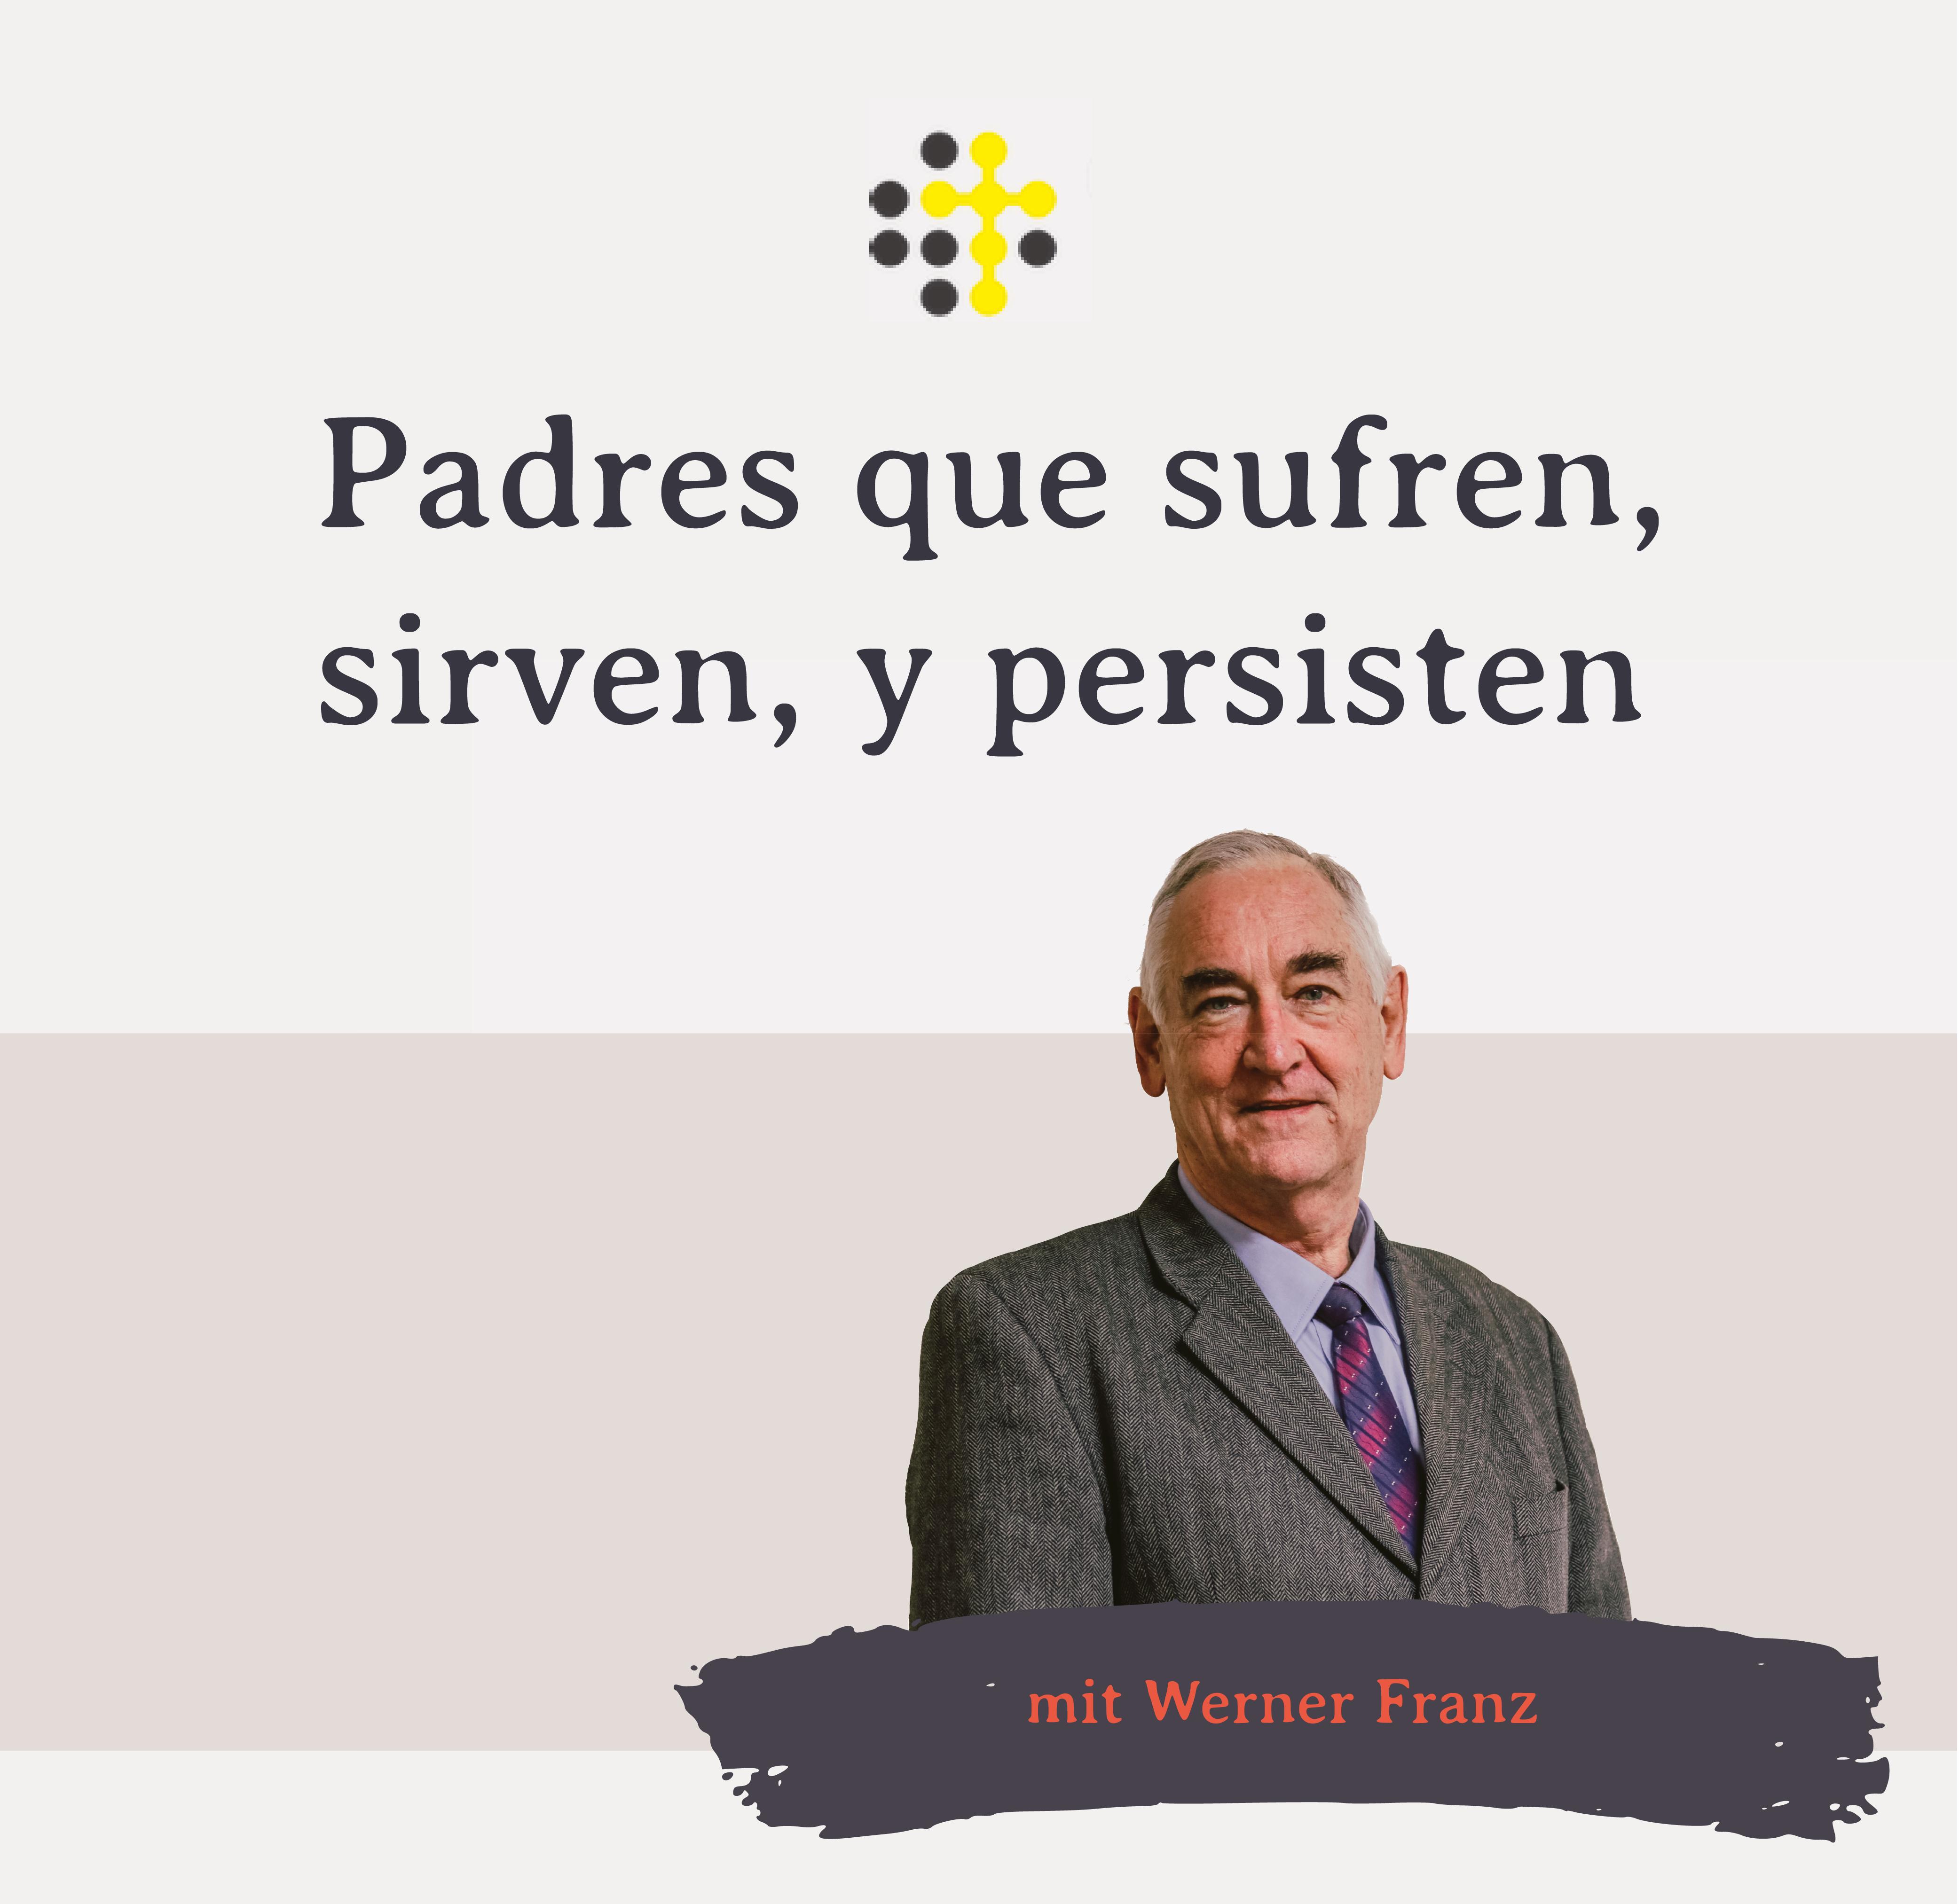 Padres que sufren, sirven, y persisten - Orador: Werner Franz